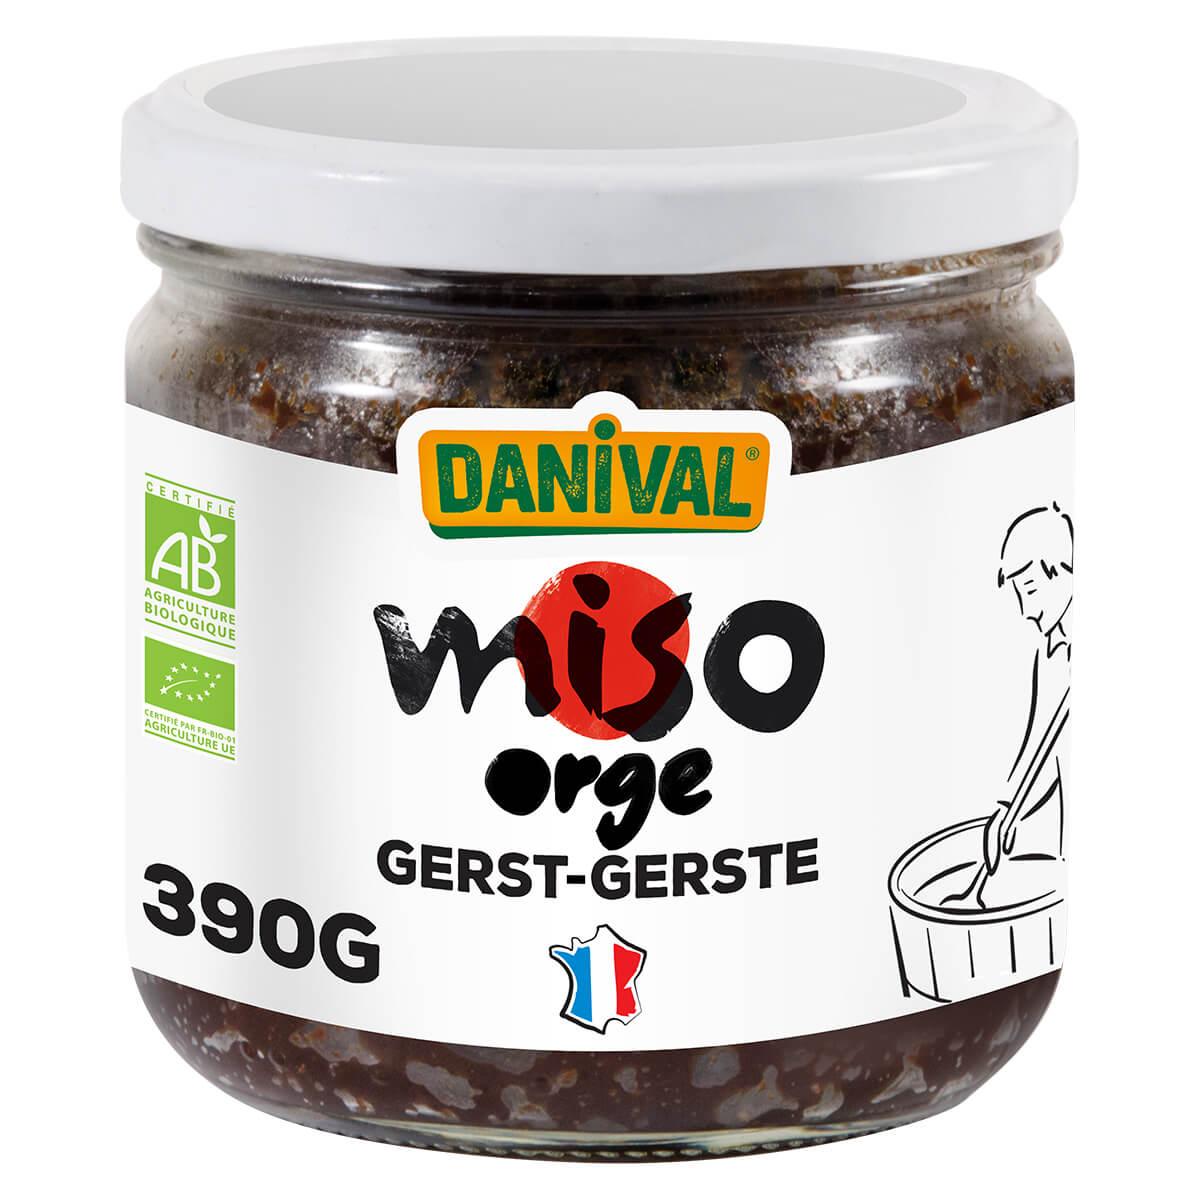 Danival - Miso Orge - 390g